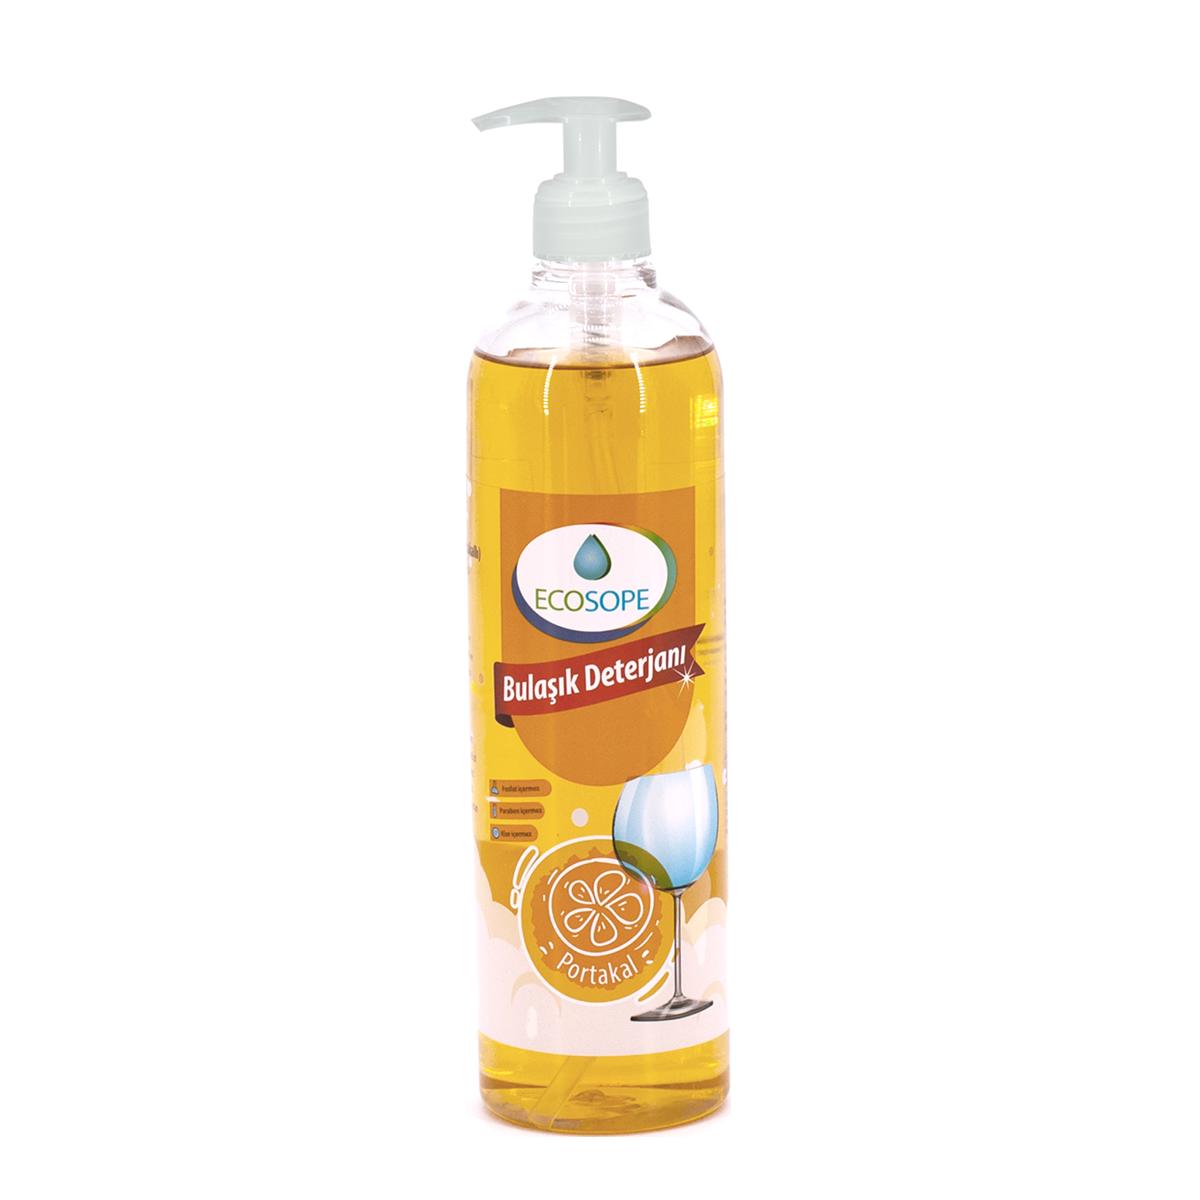 Ecosope Elde Bulaşık Deterjanı / Portakal